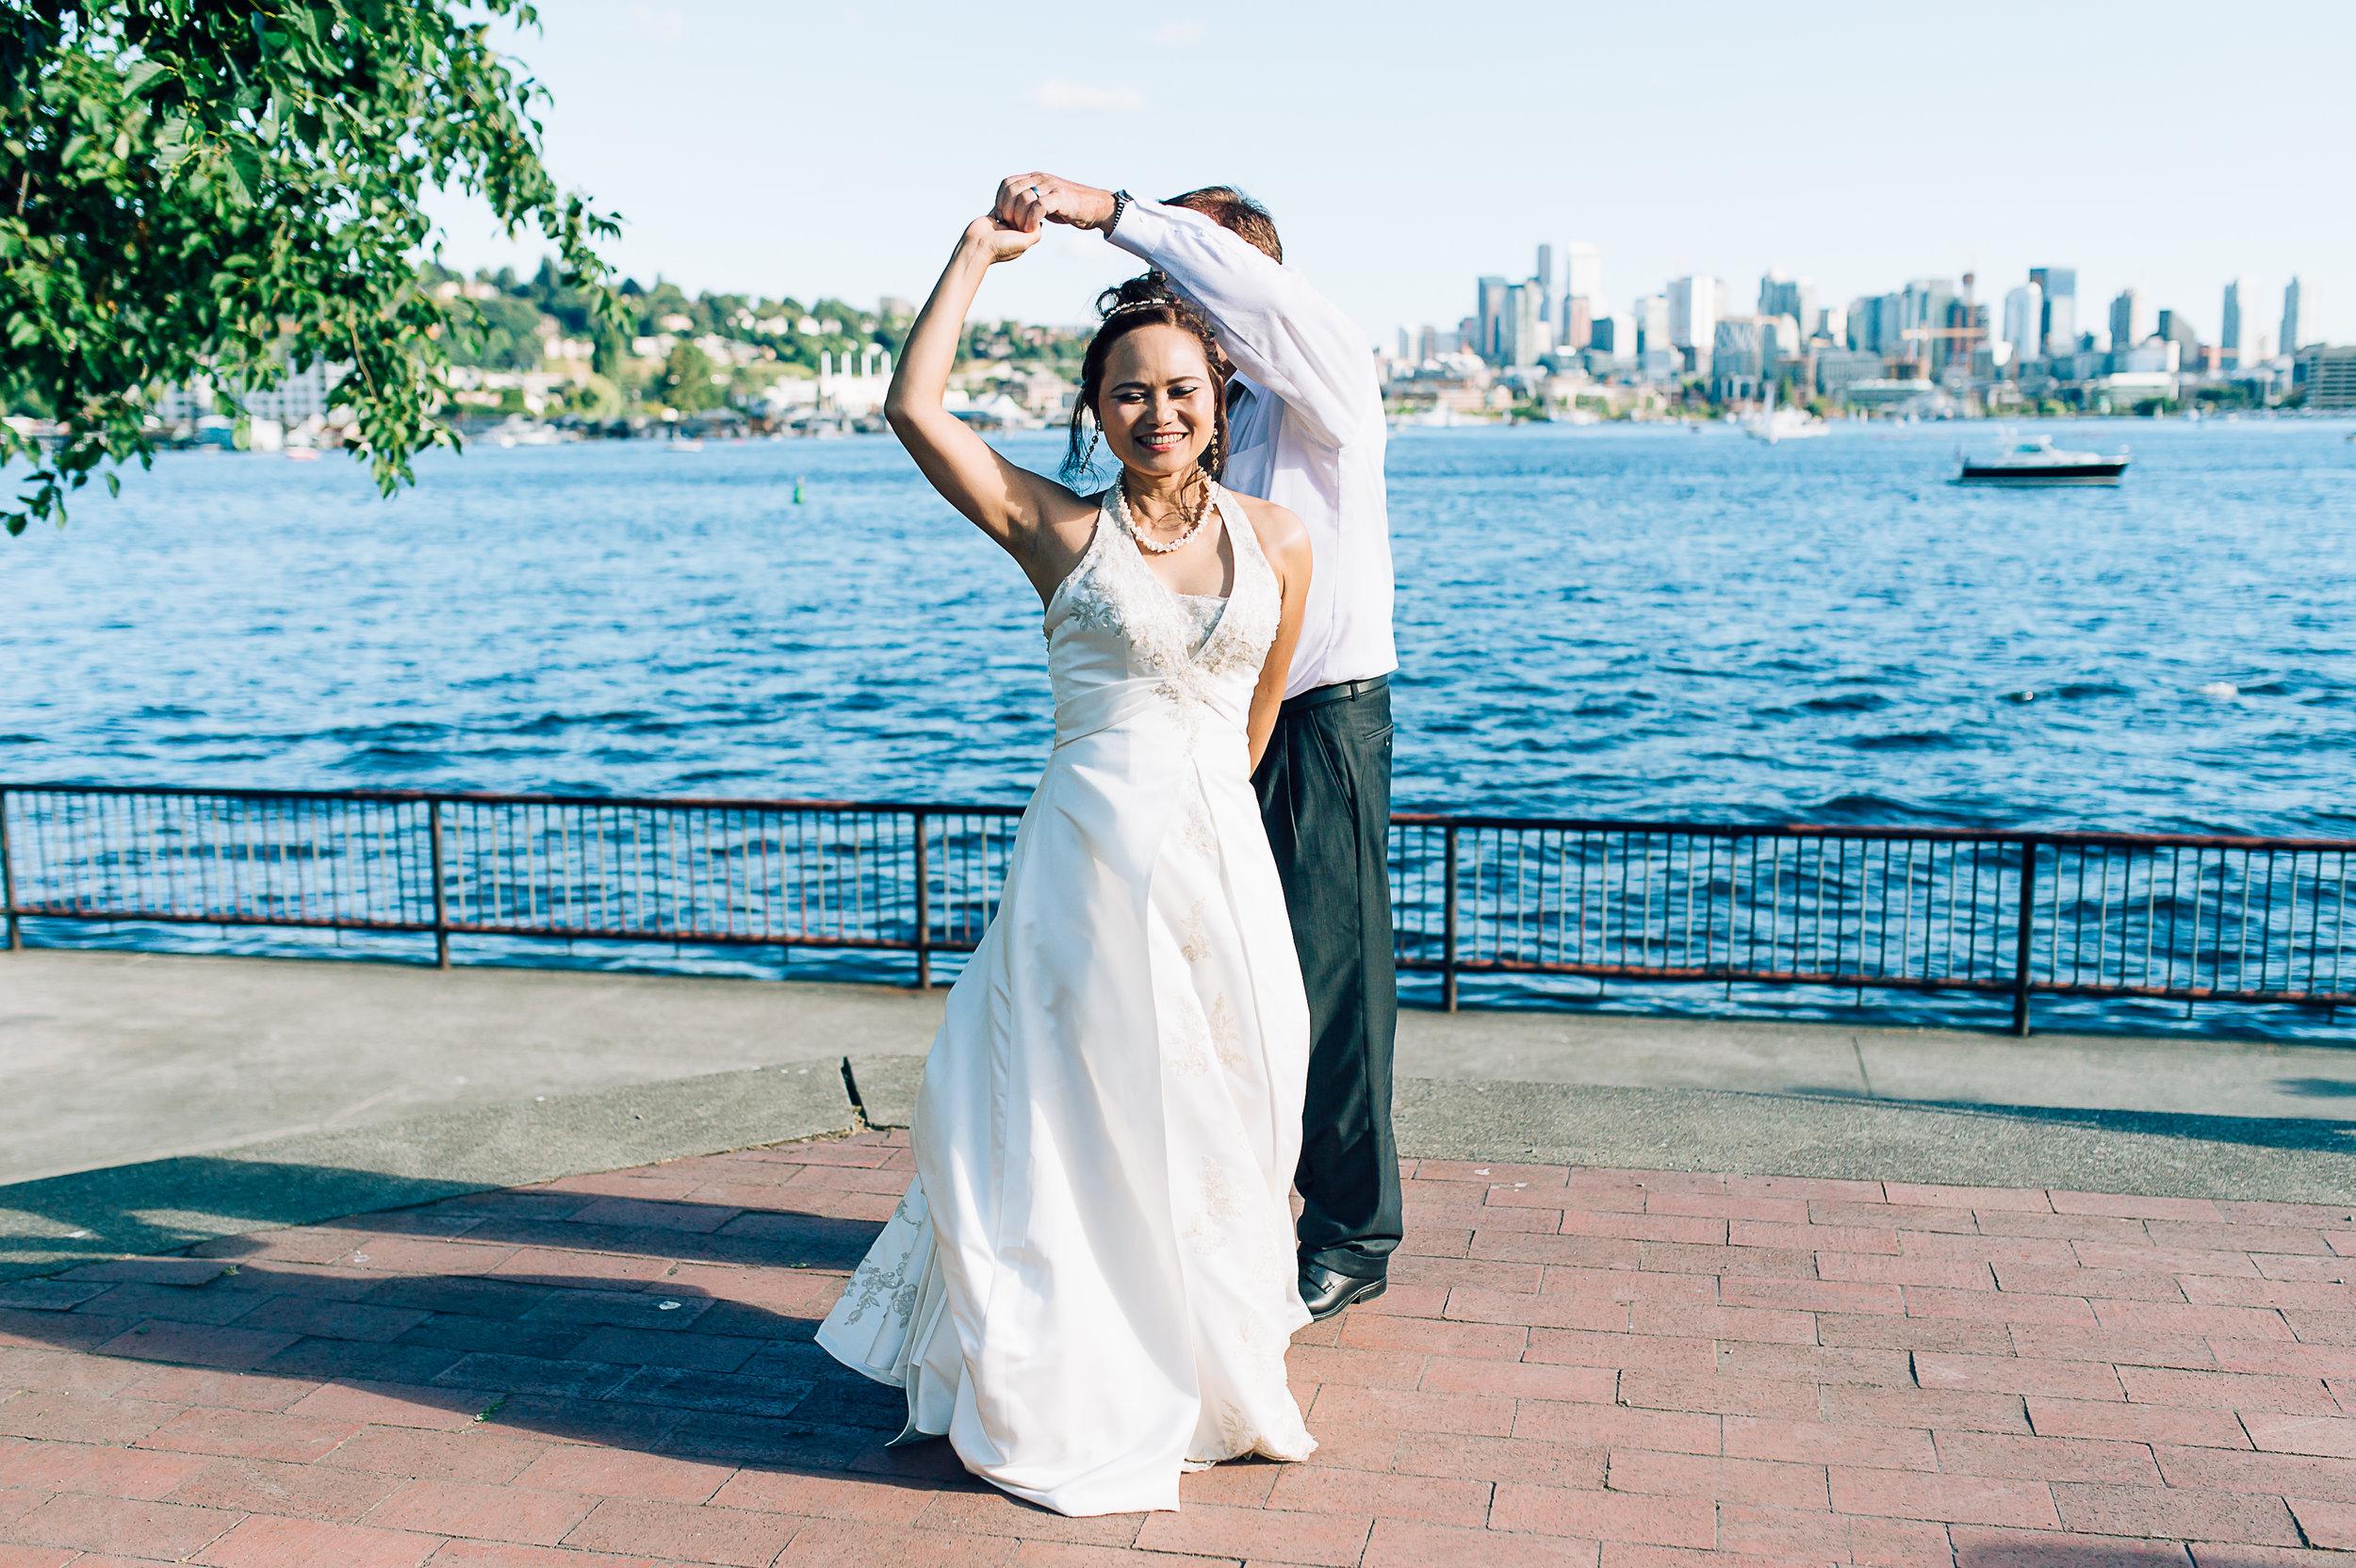 destinationwedding_Seattle_virginiaphotographer_youseephotography_LidiaOtto (476).jpg